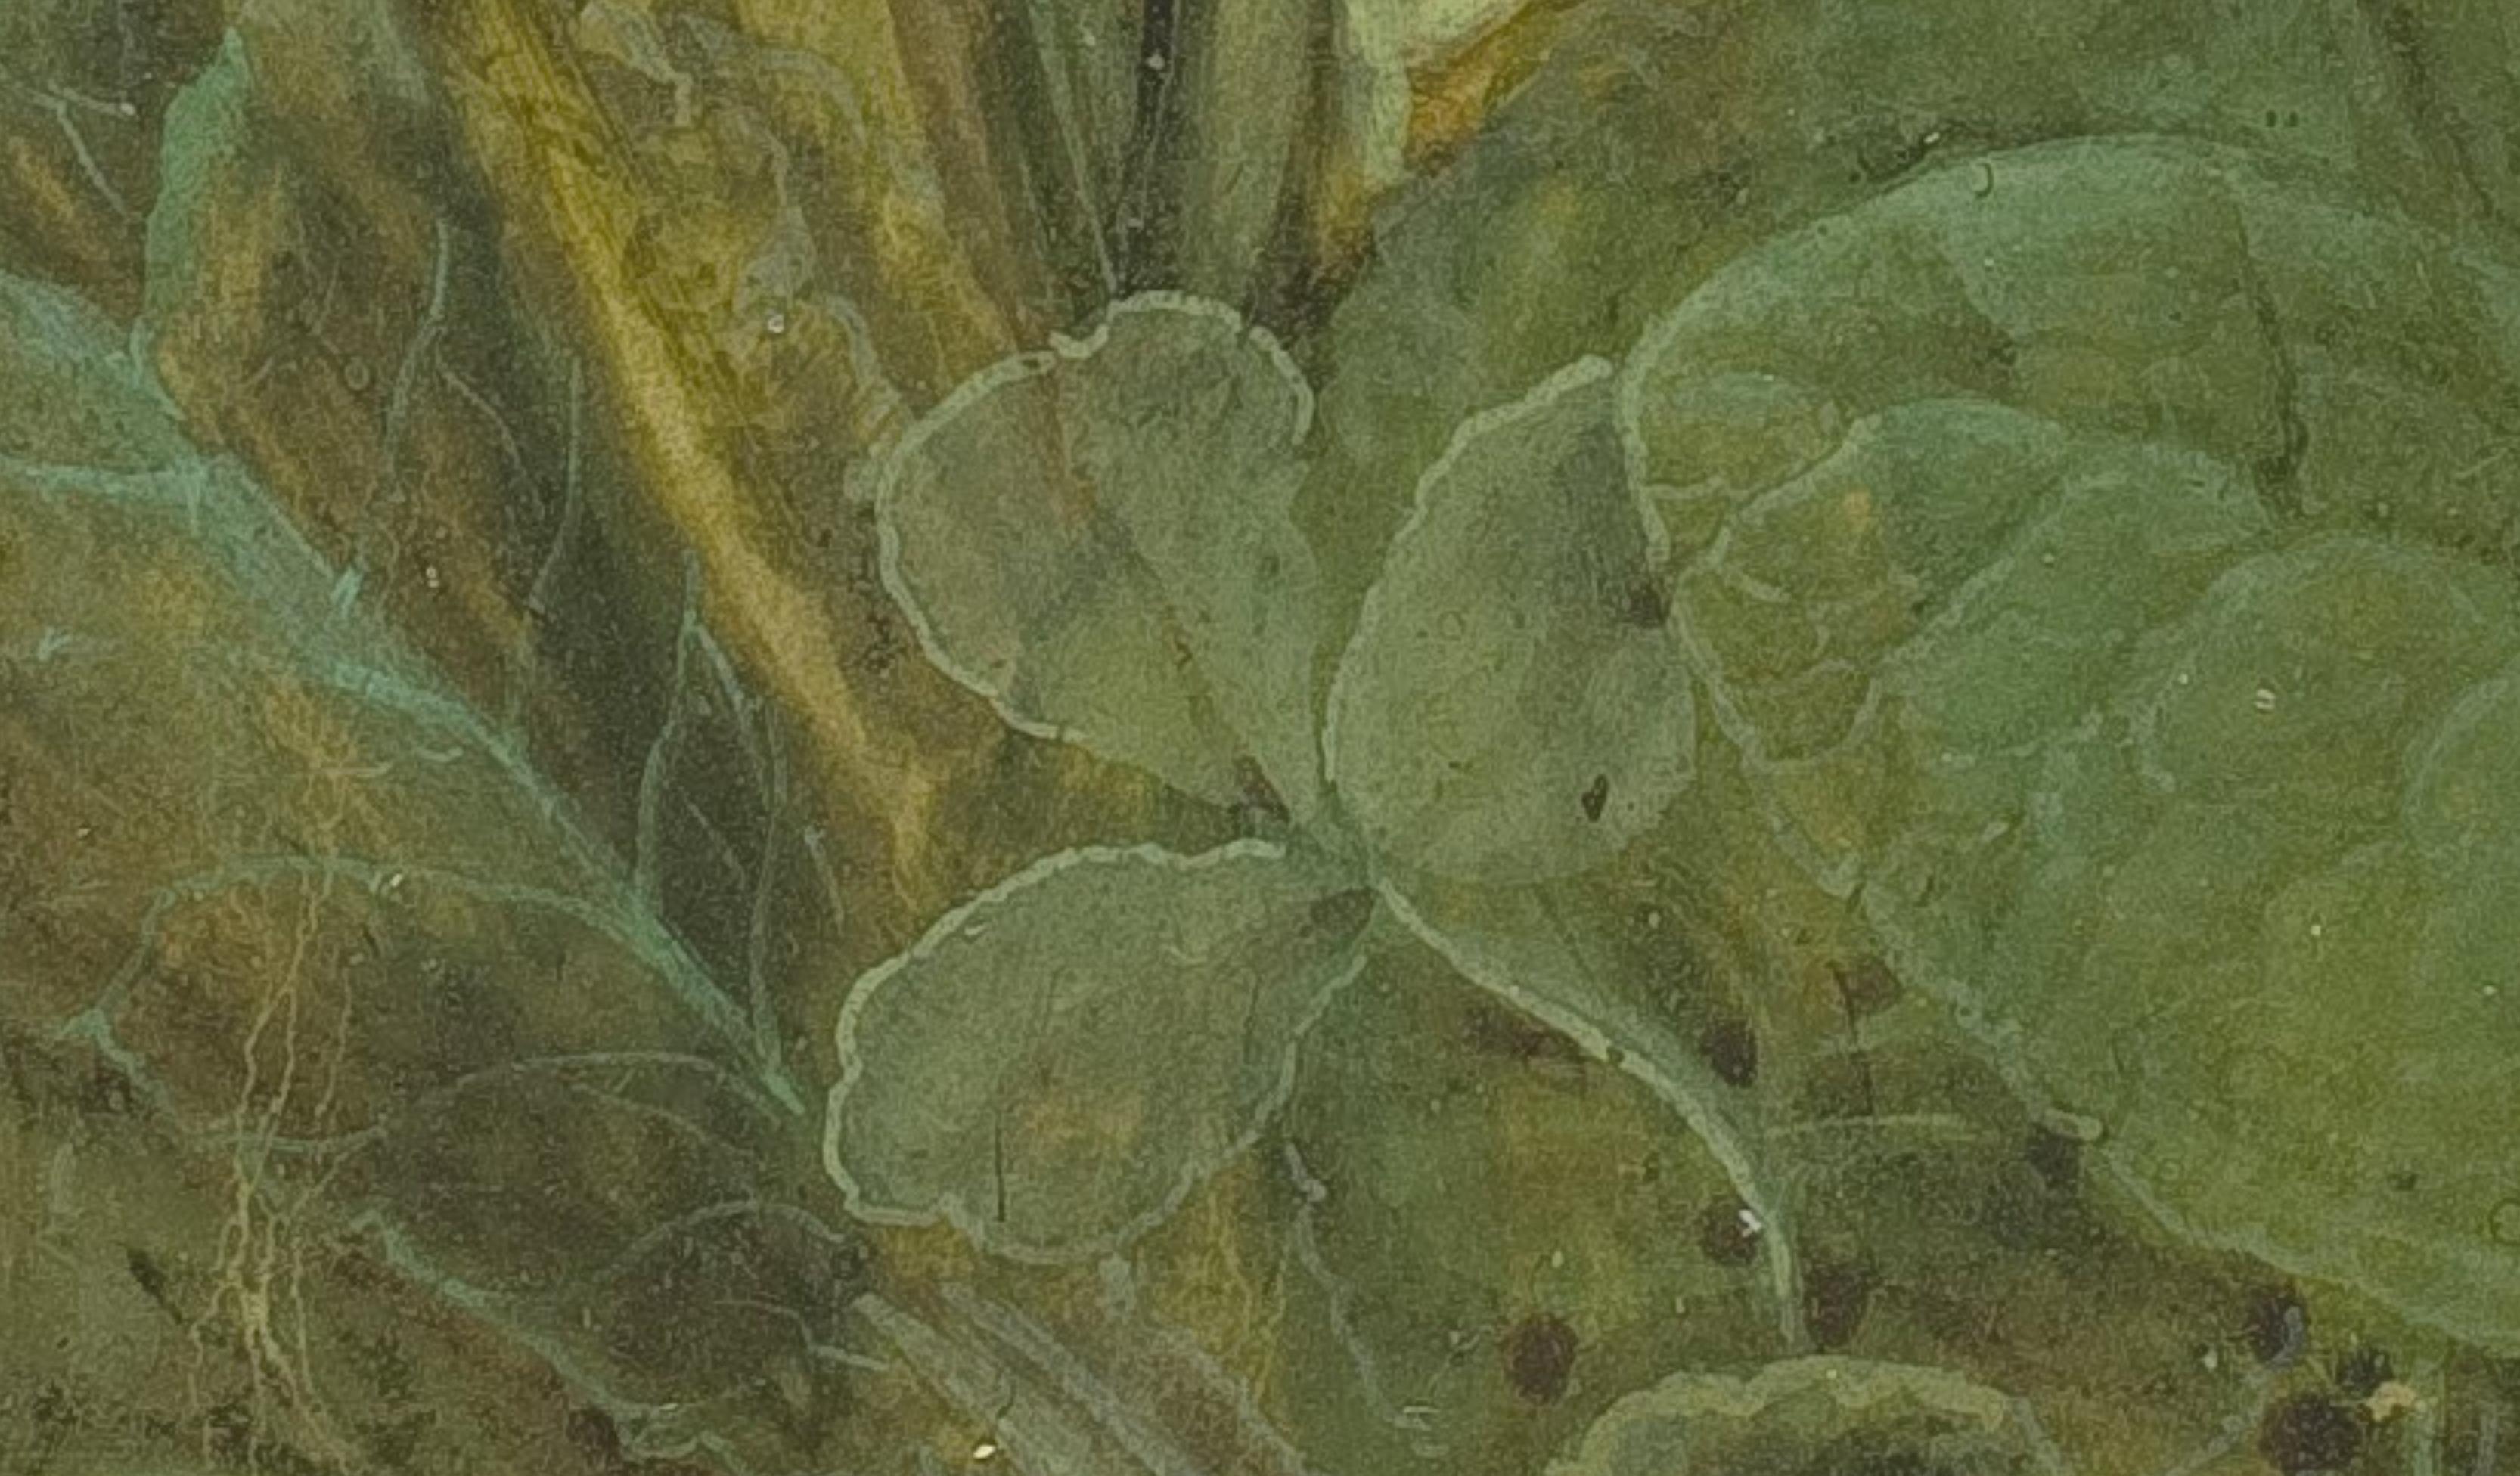 20Screenshot_2018-11-25 Albrecht_Dürer_-_Tuft_of_Cowslips_-_Google_Art_Project jpg (JPEG Image, 3574 × 4145 pixels)